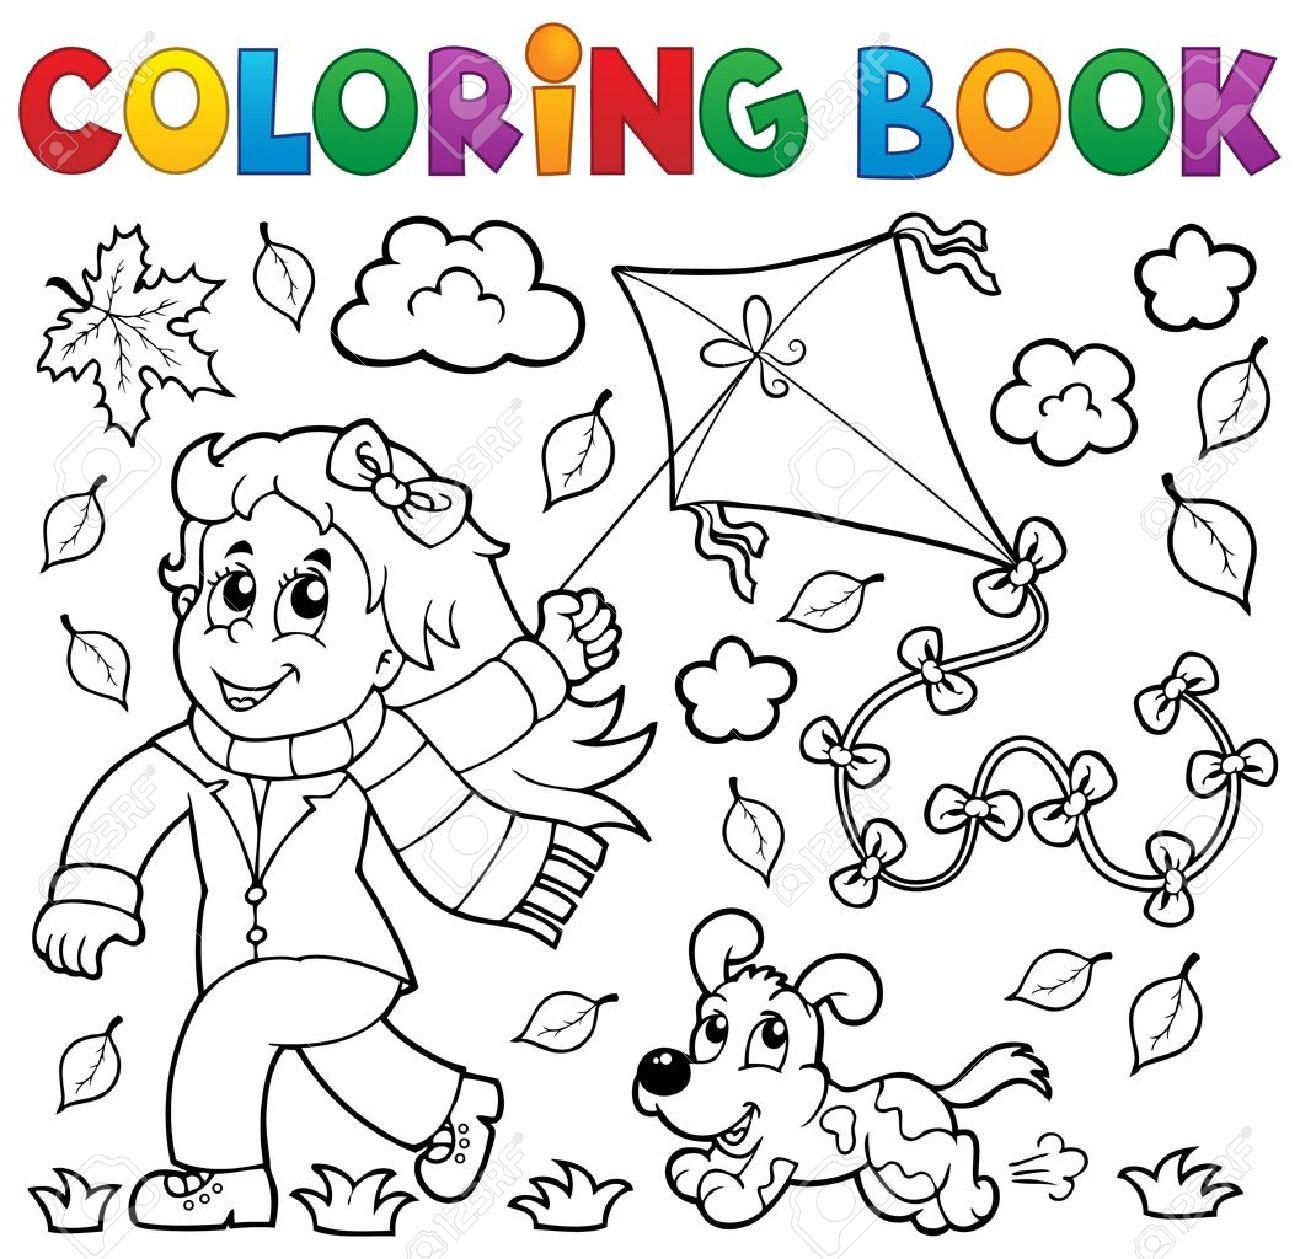 Libro Para Colorear Con La Chica Y La Cometa - Ilustración Vectorial ...